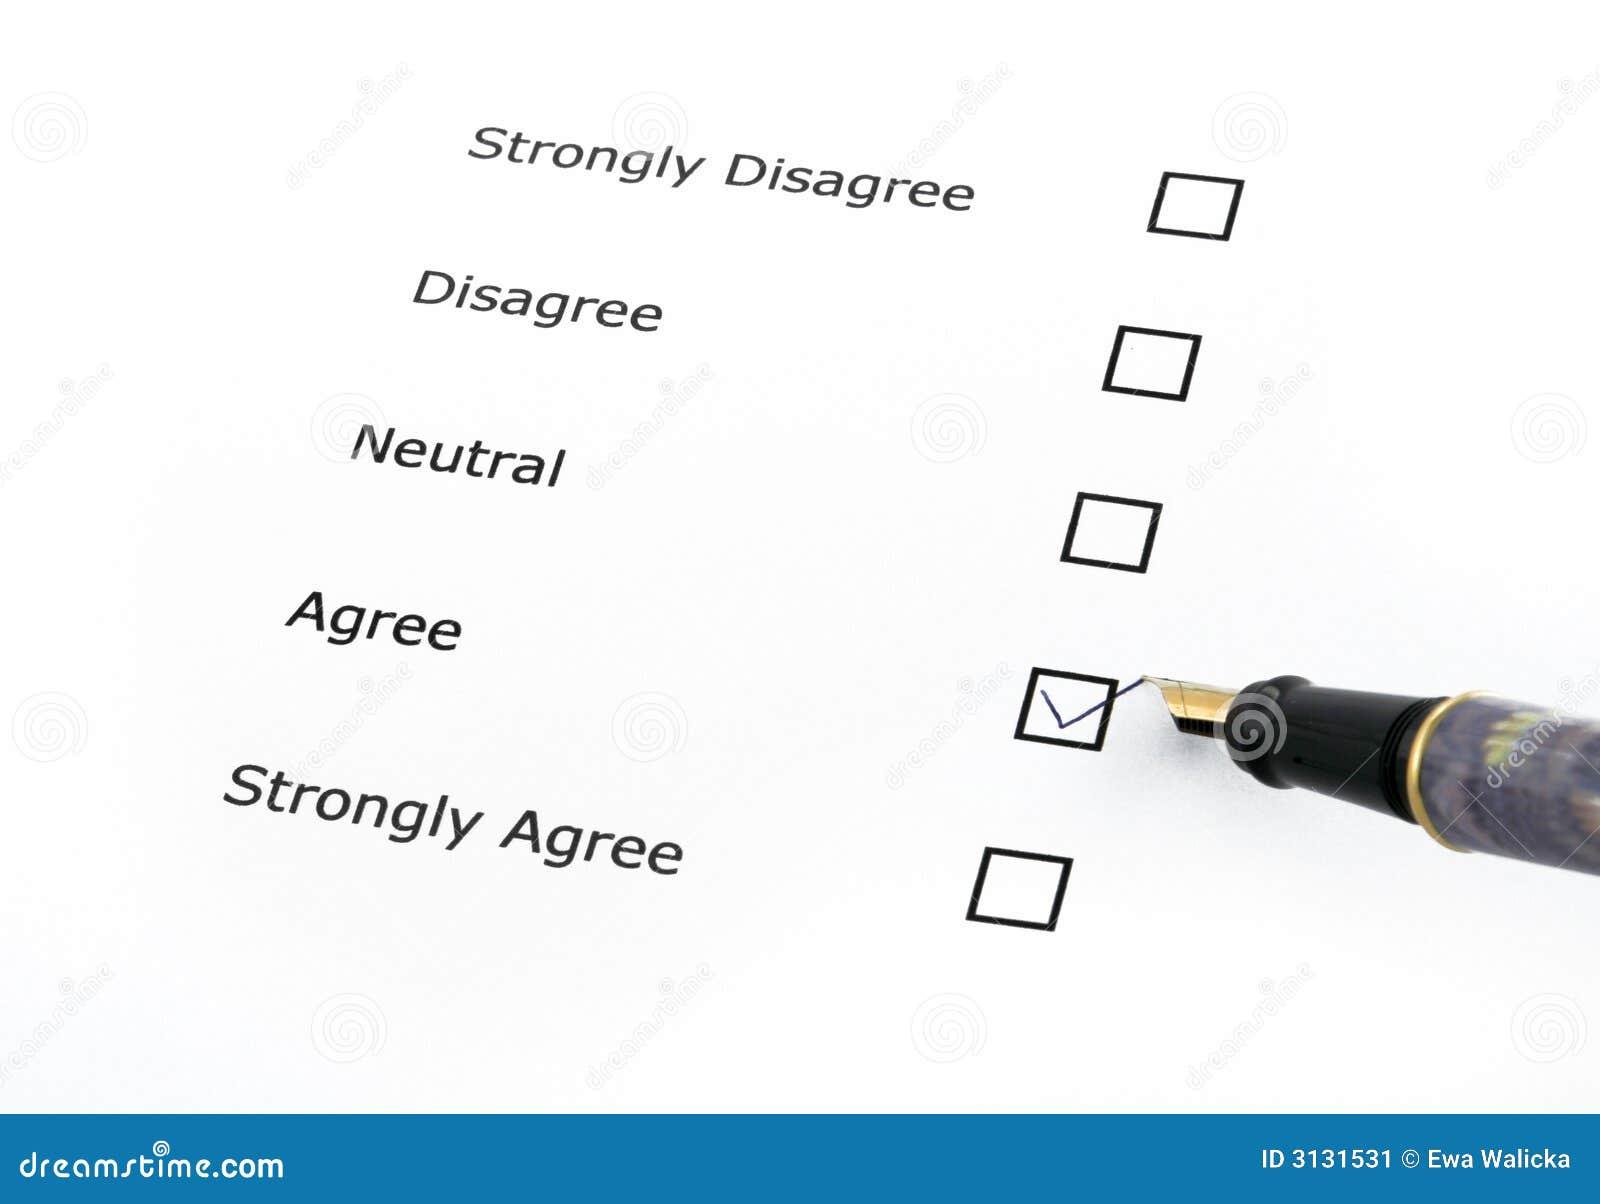 Questionnaire options